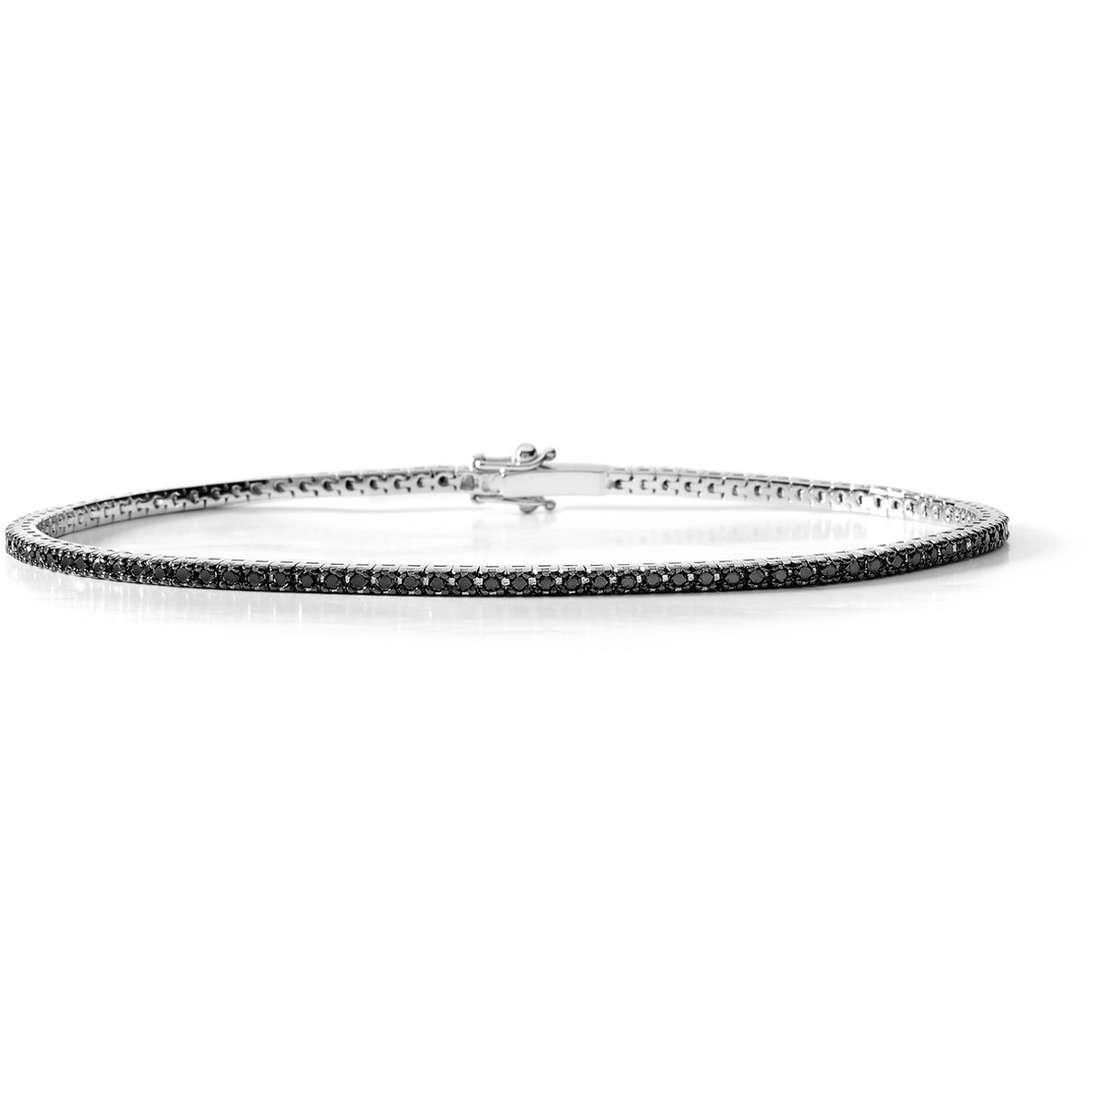 bracelet man jewellery Comete Pietre preziose colorate UBR 391 M19